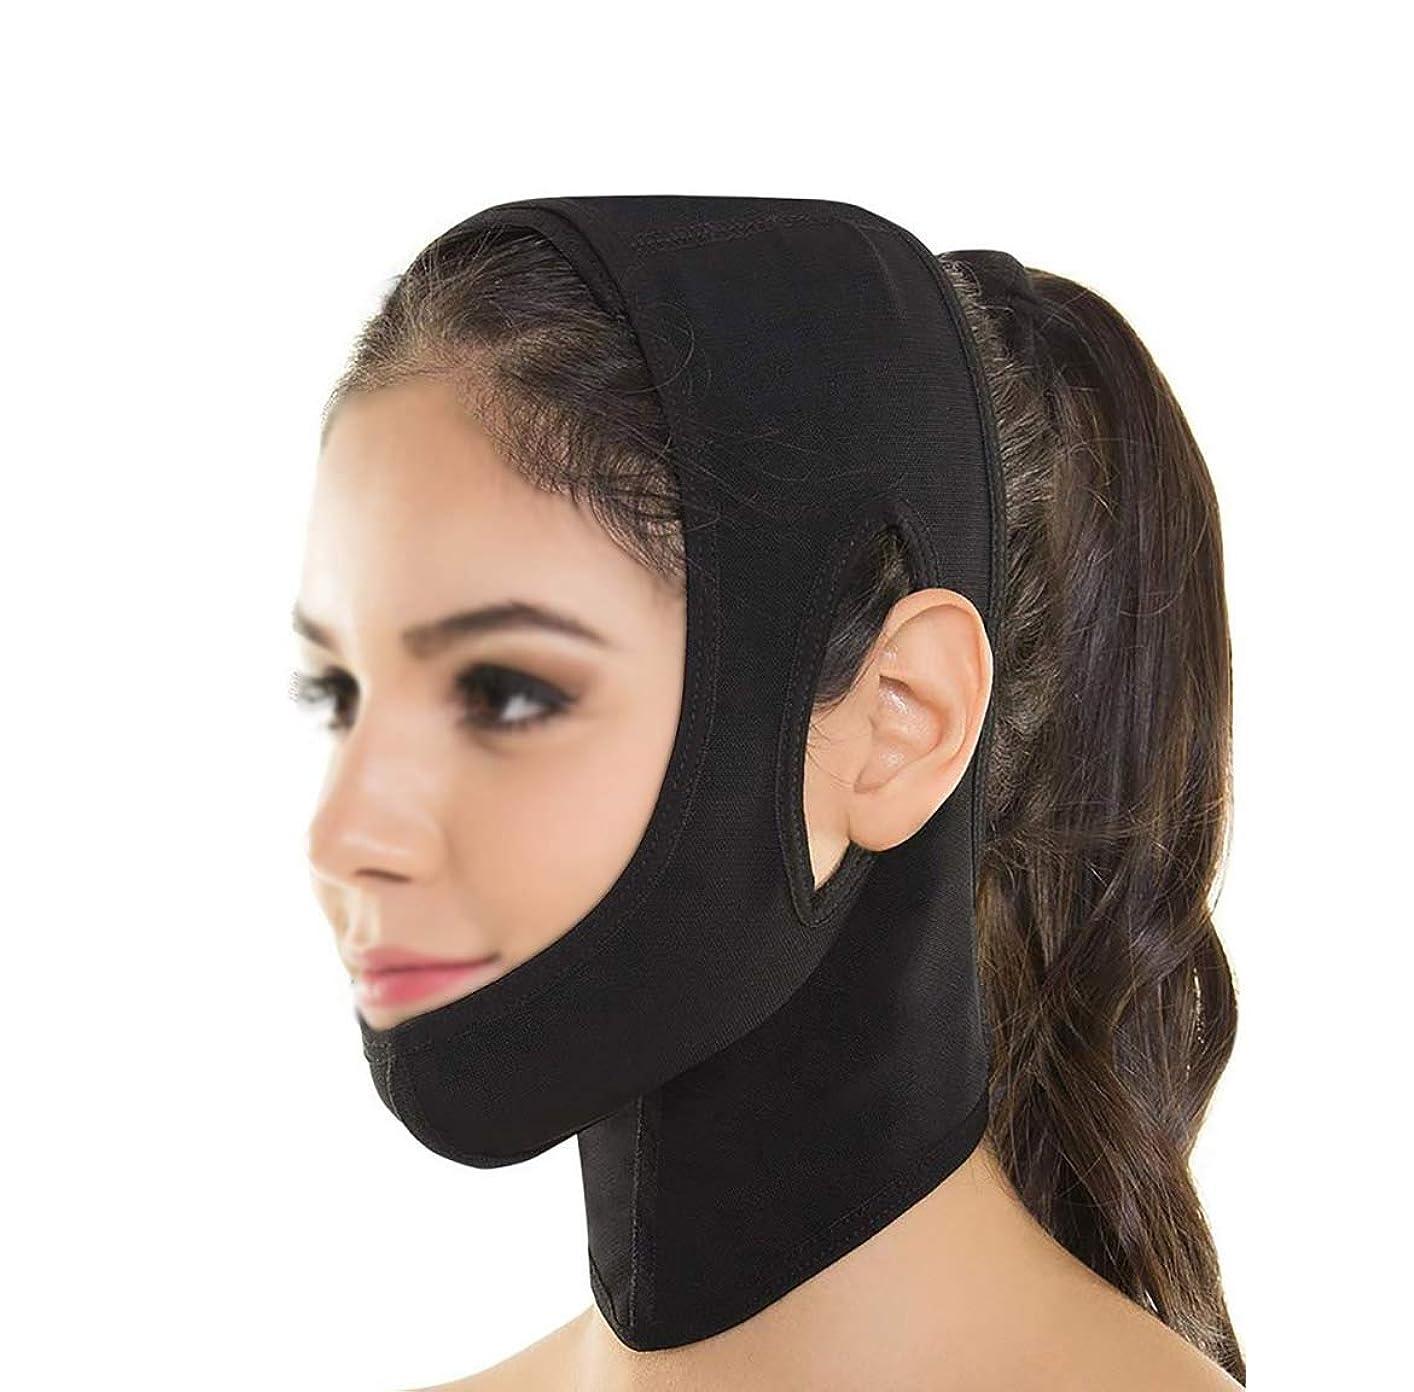 迫害するまつげ憂慮すべきGLJJQMY フェイシャルリフティングマスクシリコンVマスクリフティングマスクシンフェイスアーティファクトリフティングダブルチン術後包帯フェイシャル&ネックリフティング 顔用整形マスク (Color : Black)